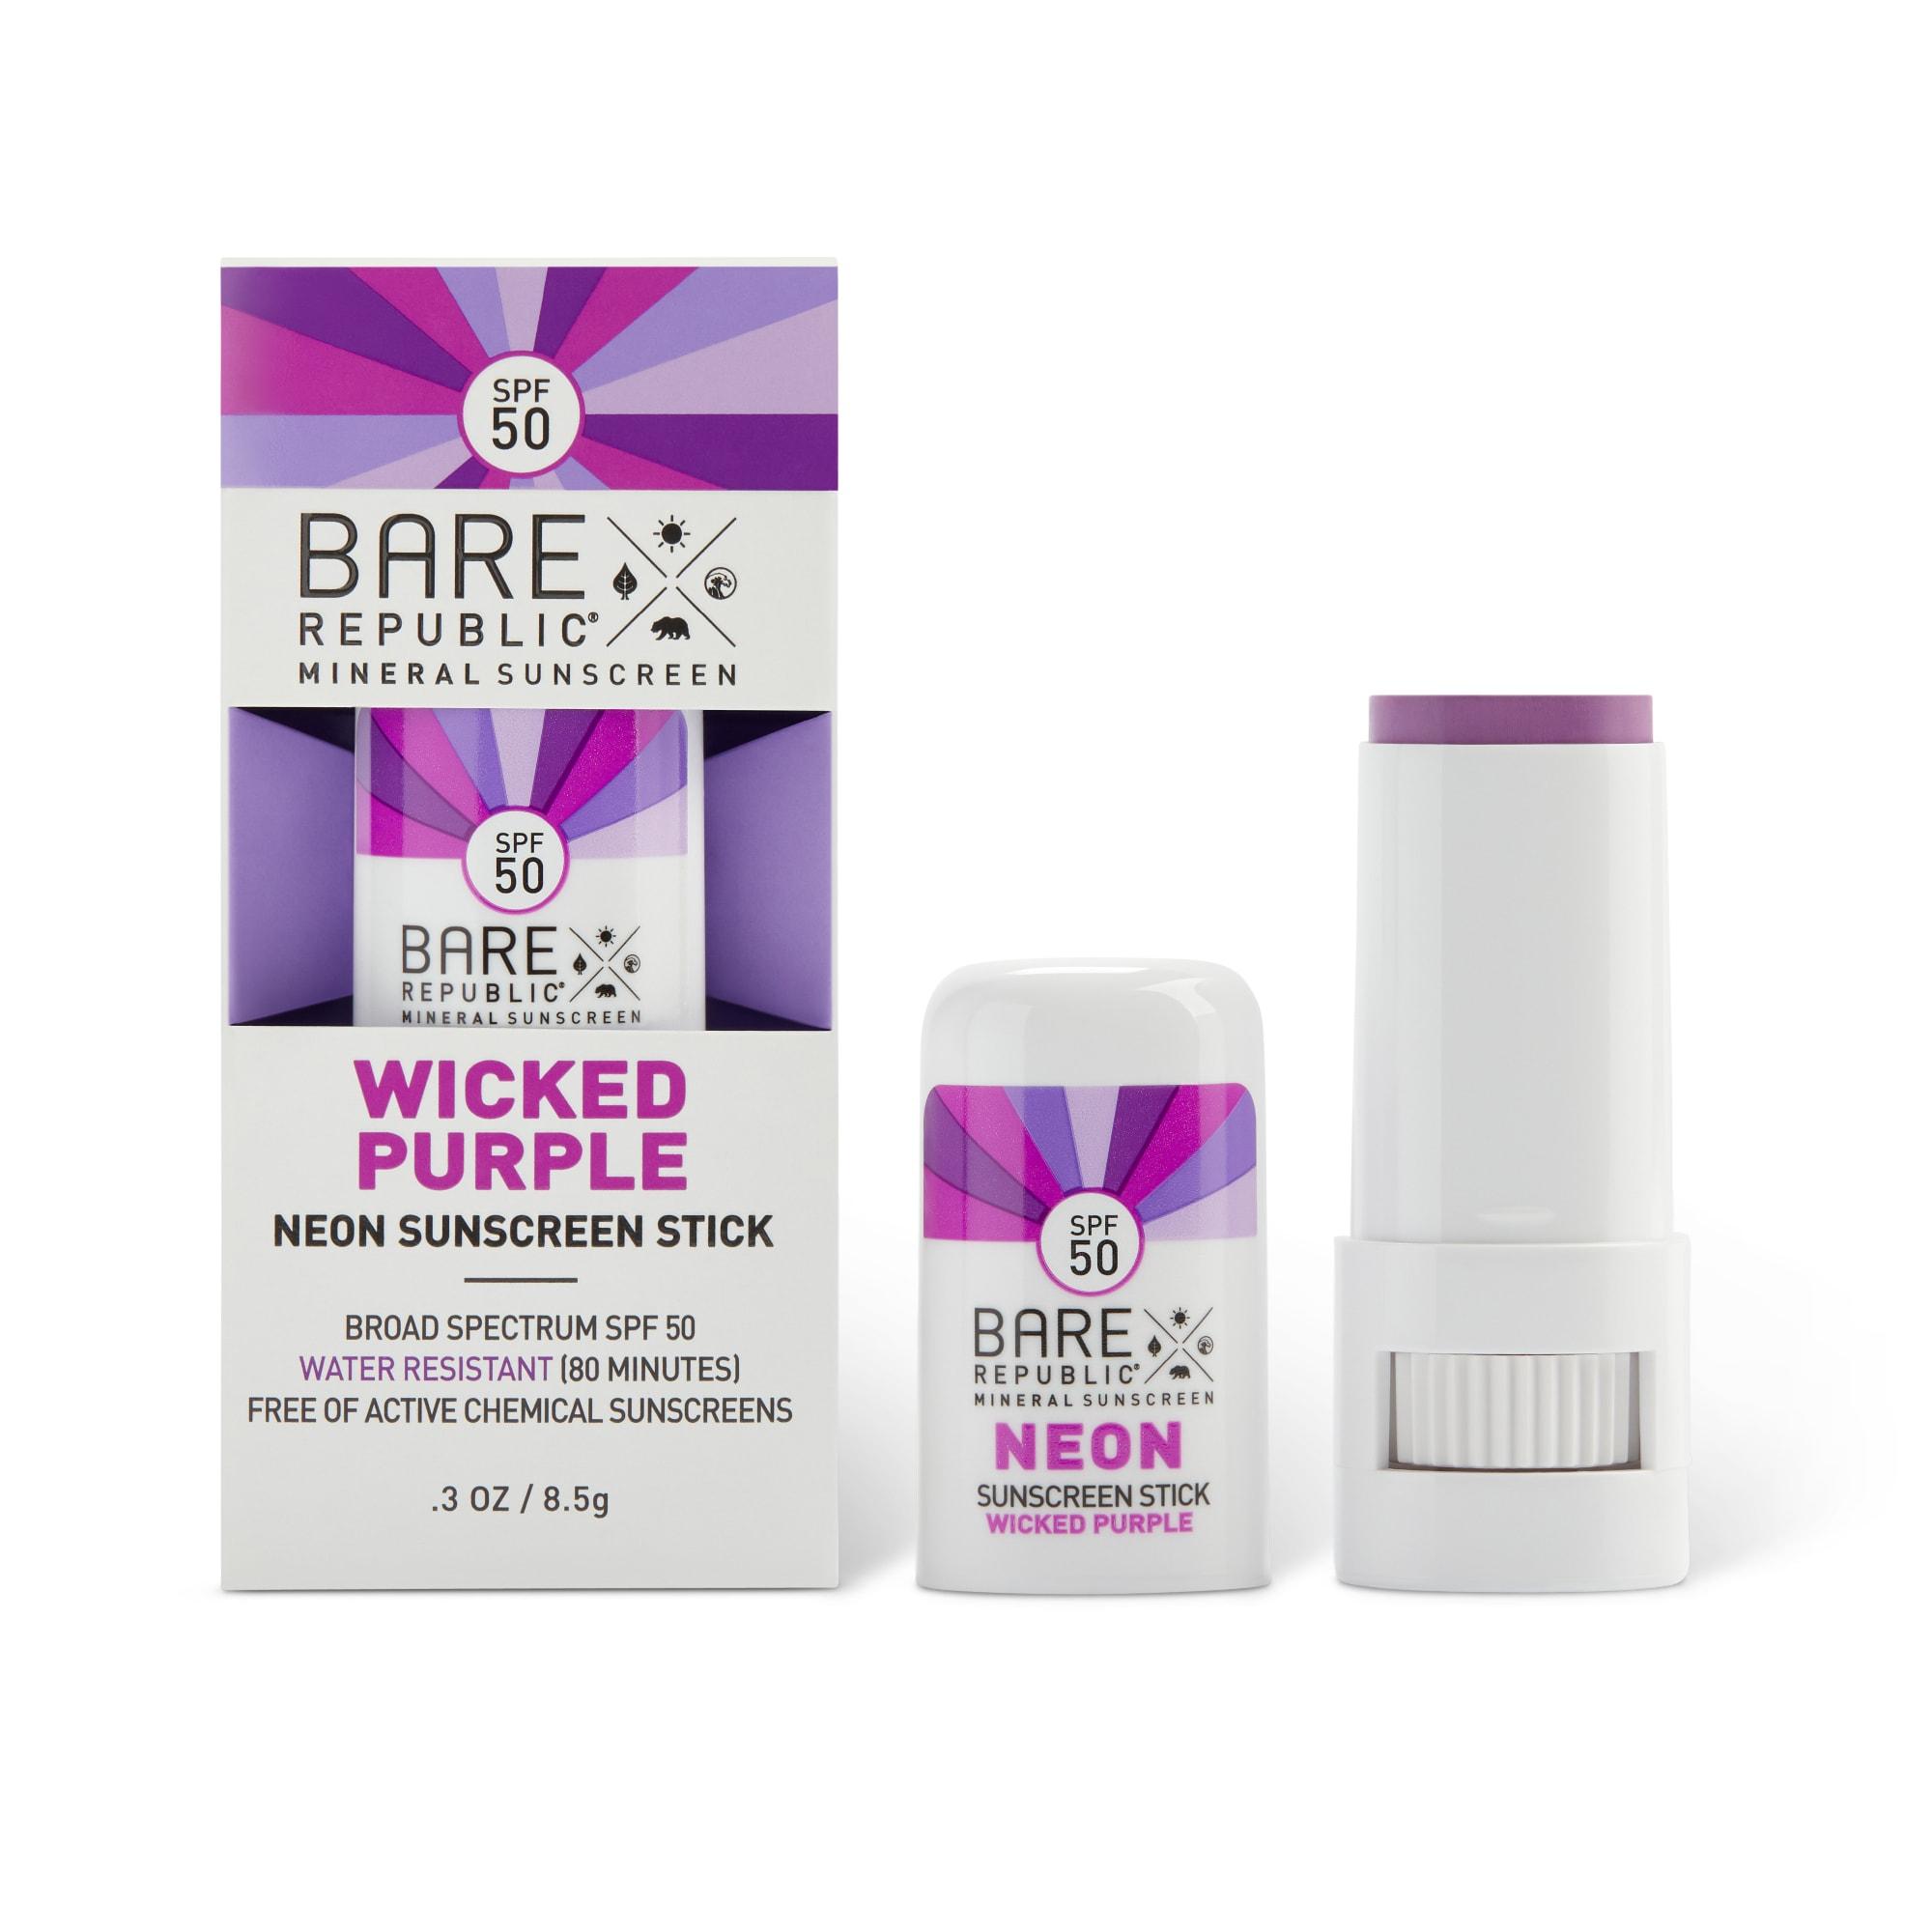 Bare Republic Mineral Sunscreen Neon Stick SPF 50, Wicked Purple - .3 oz